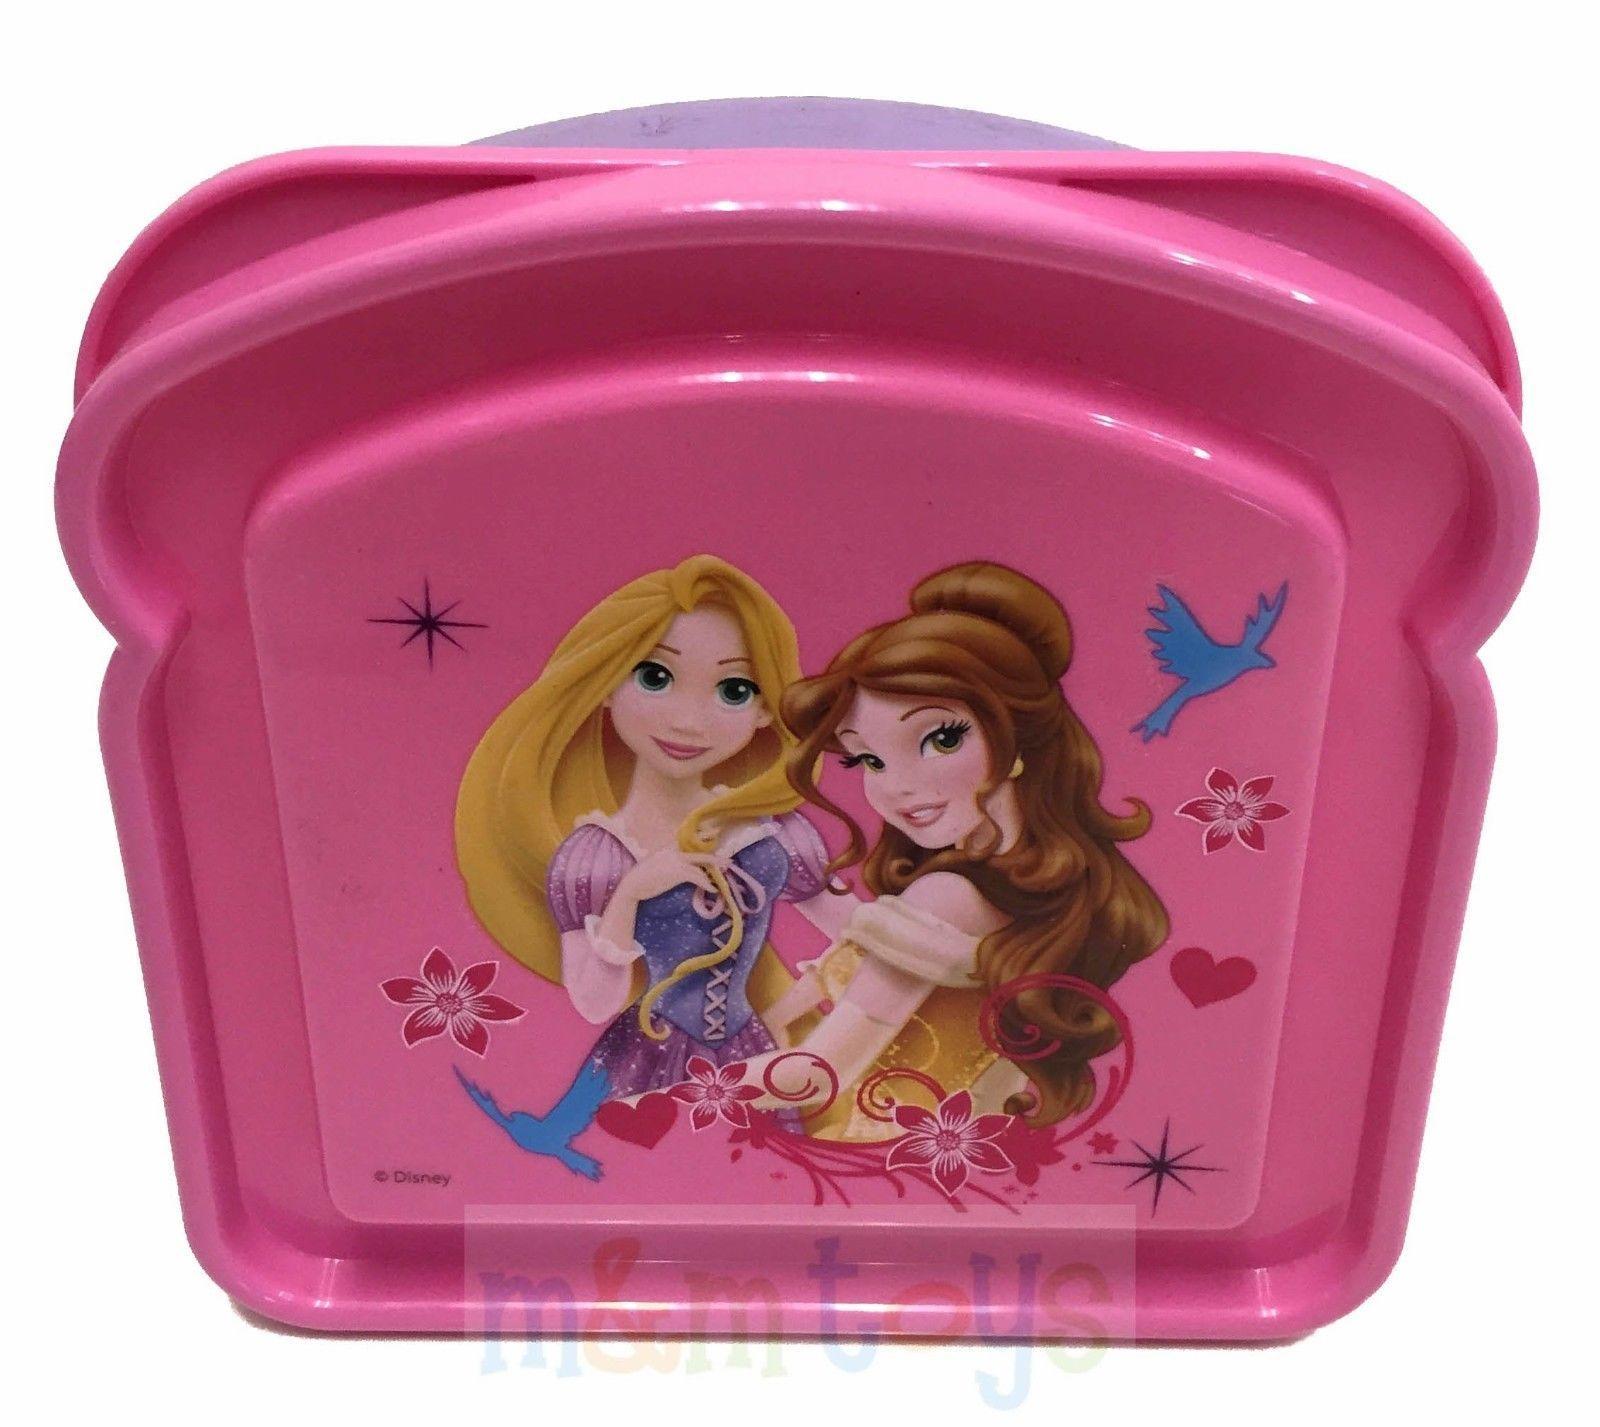 Disney princess rapunzel & belle sandwich box bread shaped container ...